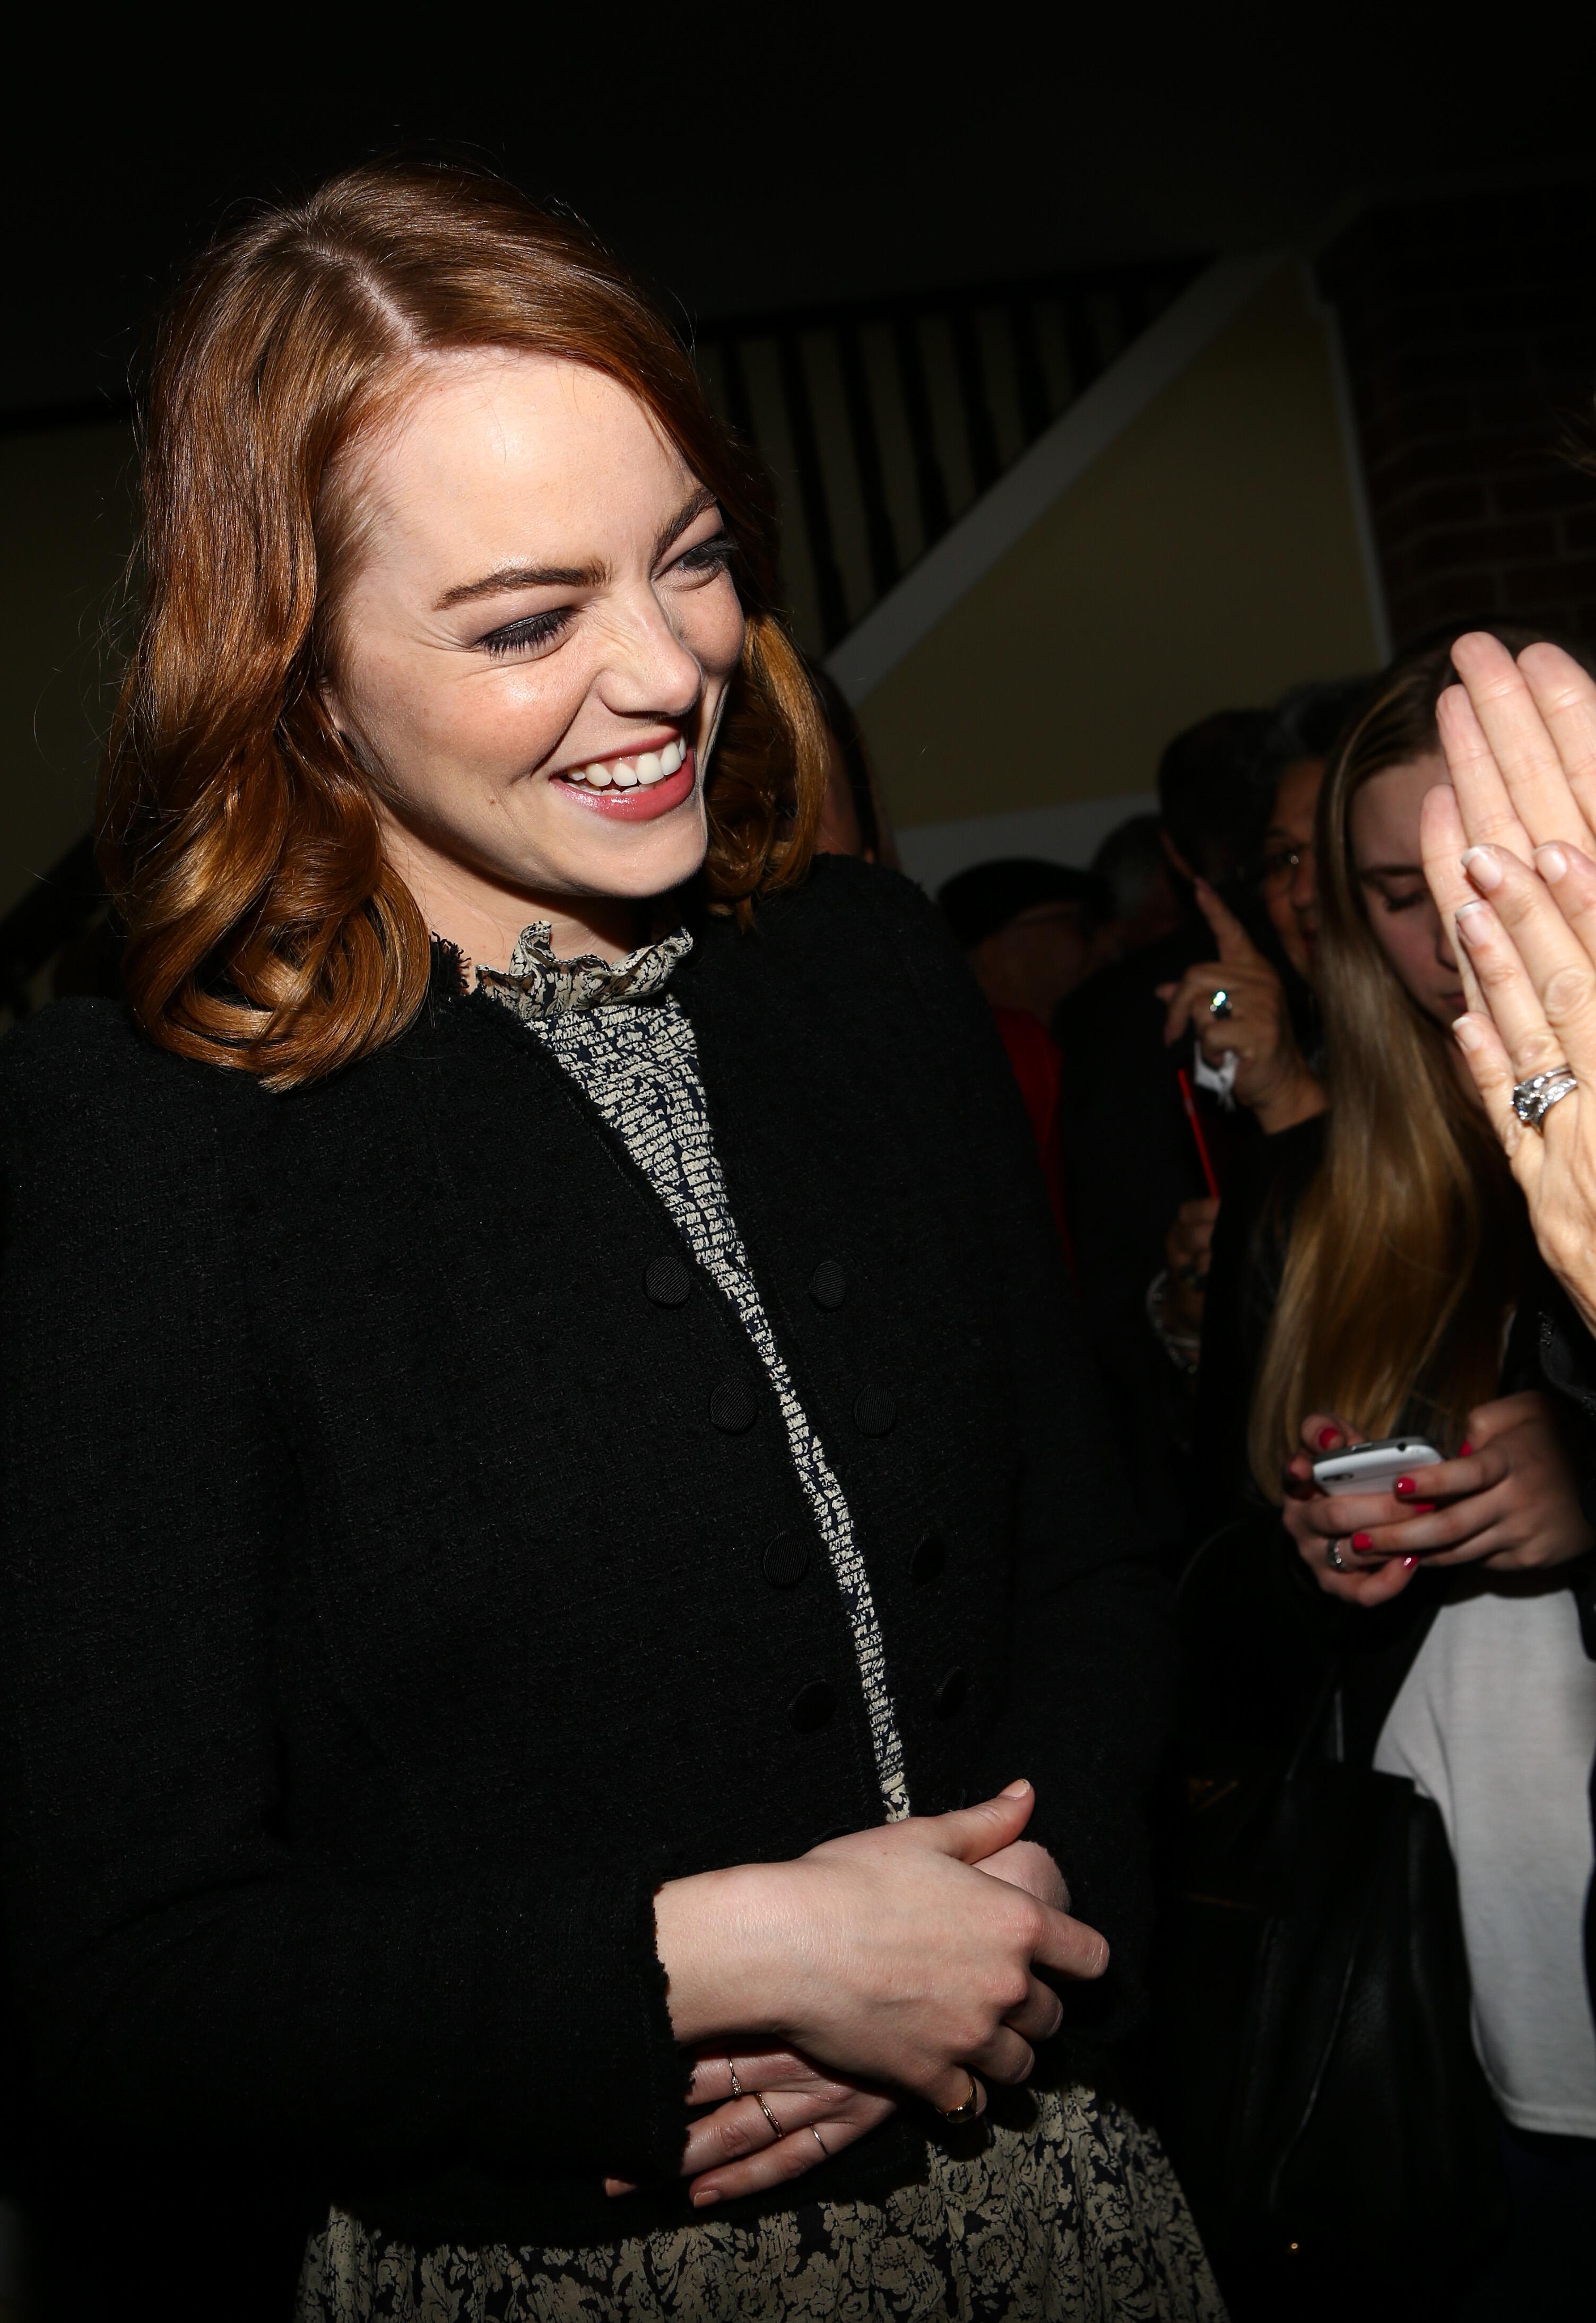 Emma Stone at La La Land party Los Angeles